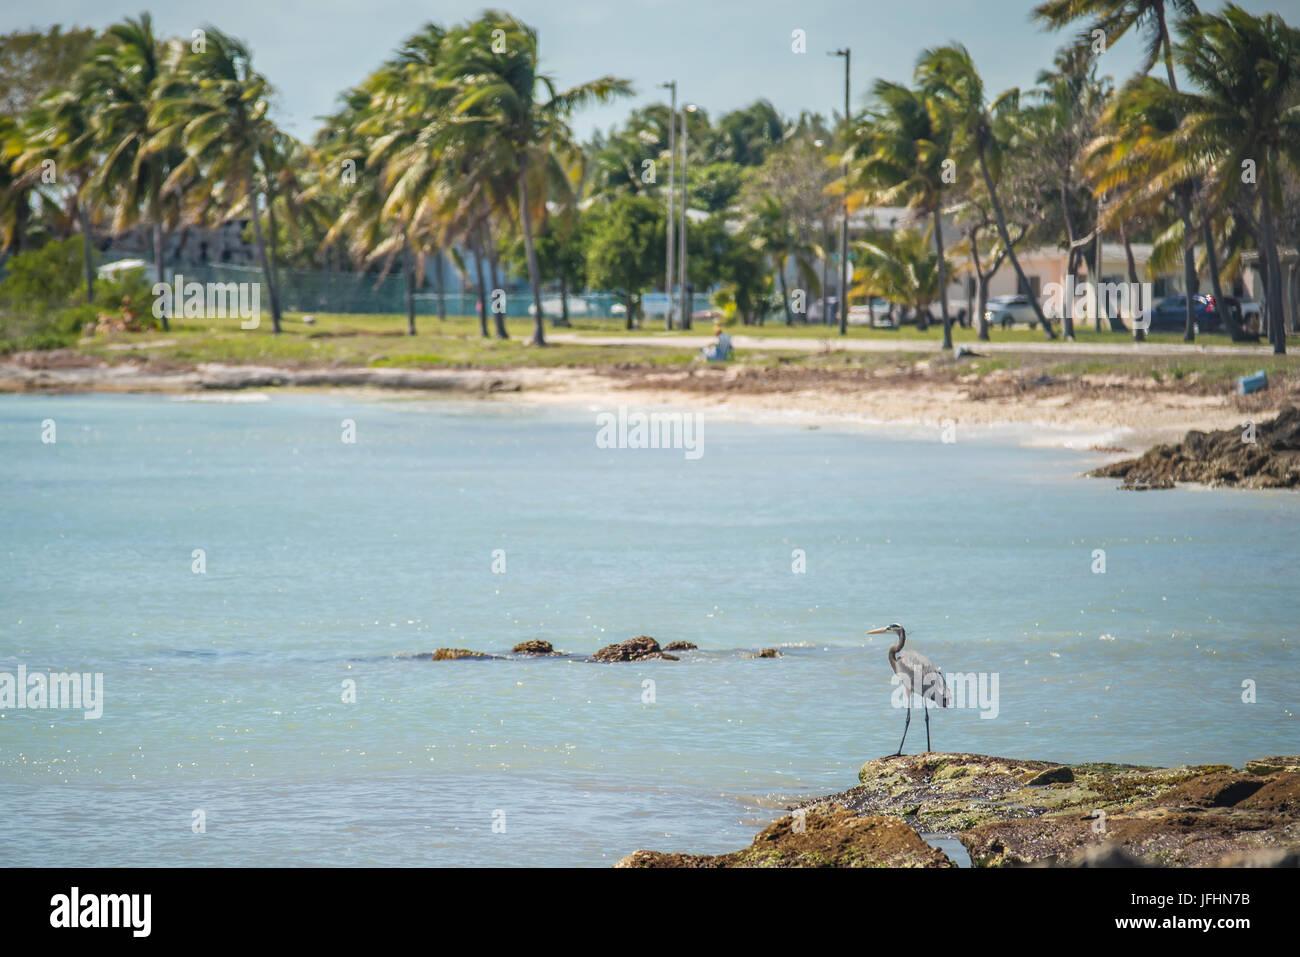 beautiful beach and ocean scenes in florida keys - Stock Image